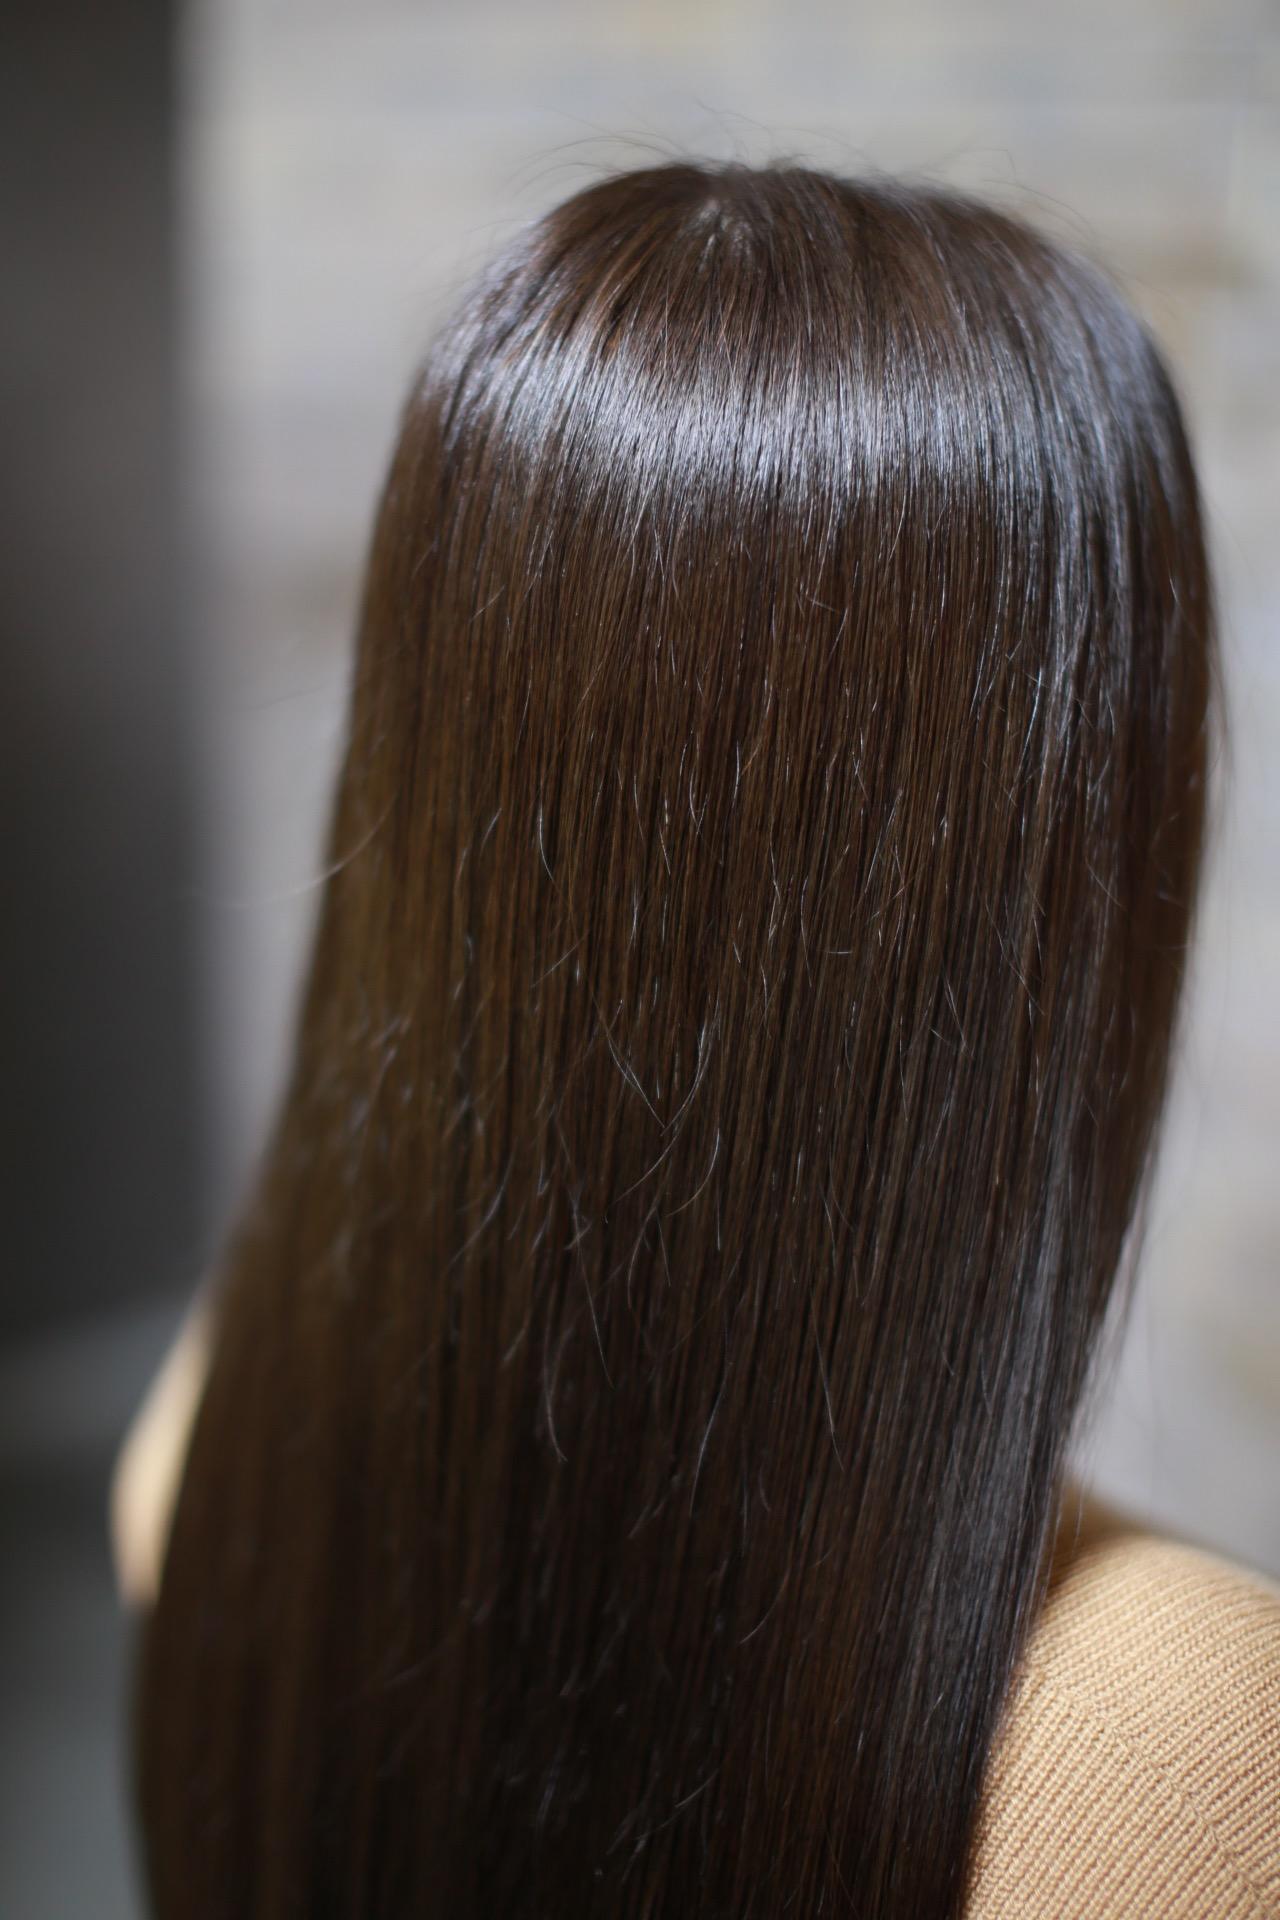 新宿のヘアカラーが上手い美容室・美容院セイヴィアンのCOTA生トリートメント/グレイアッシュ・アッシュグレイ